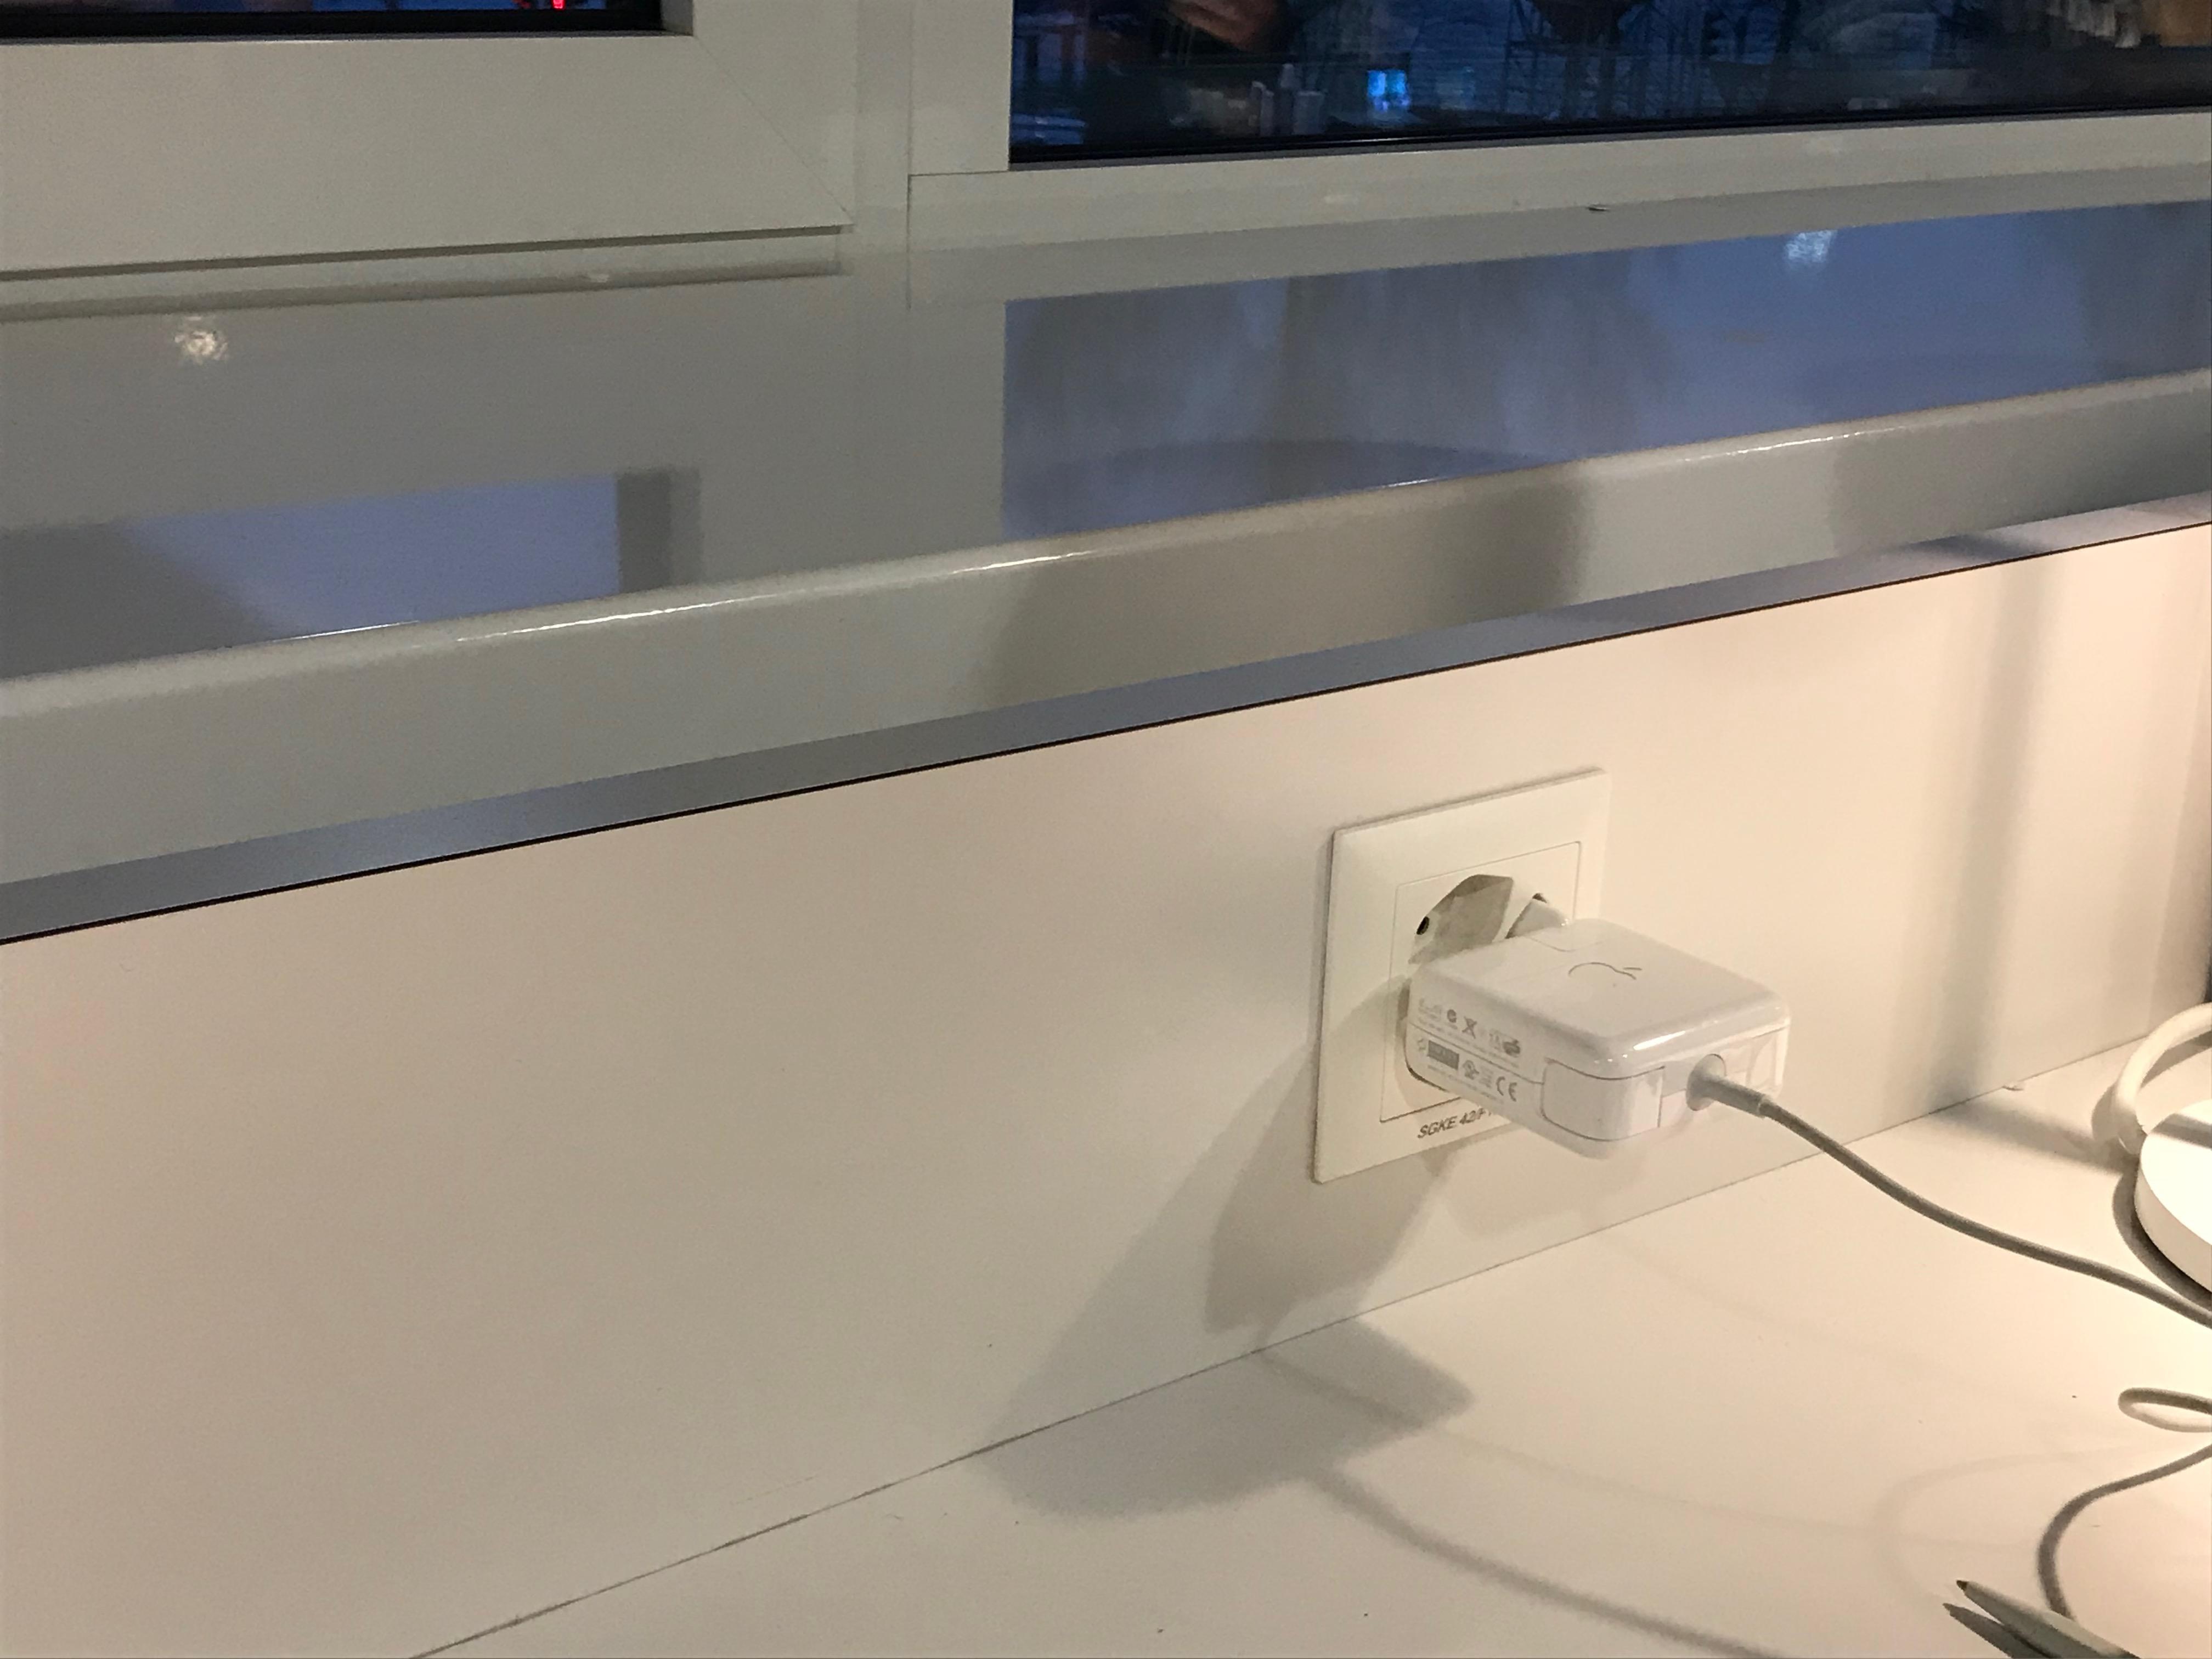 Riesen-Adaptern sei Dank: Gleich drei Steckplätze gleichzeitig können in Beschlag genommen werden.